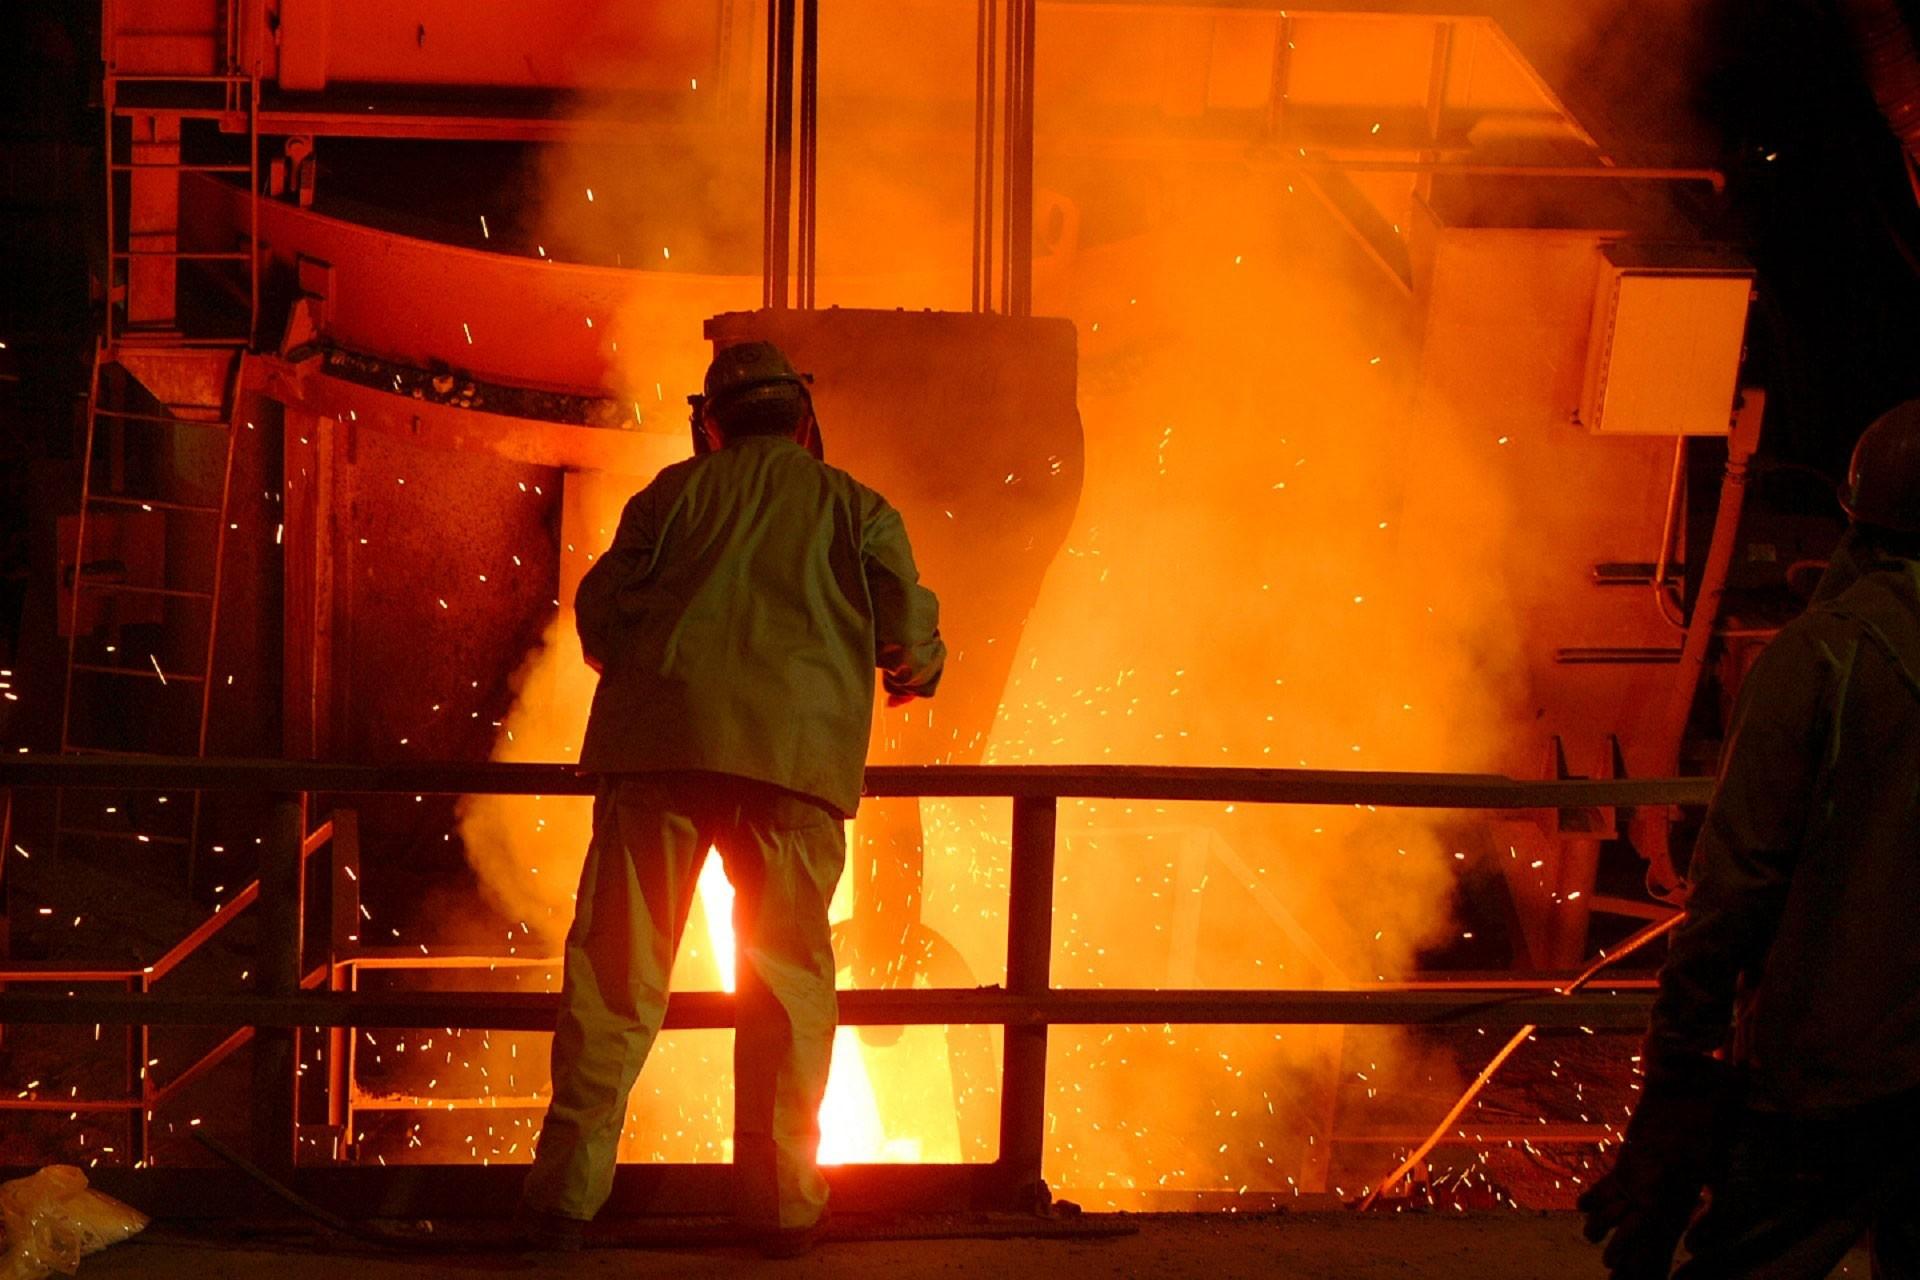 İDÇ'de koşulları düzeltmek yerine işçiler sorguya çekiliyor